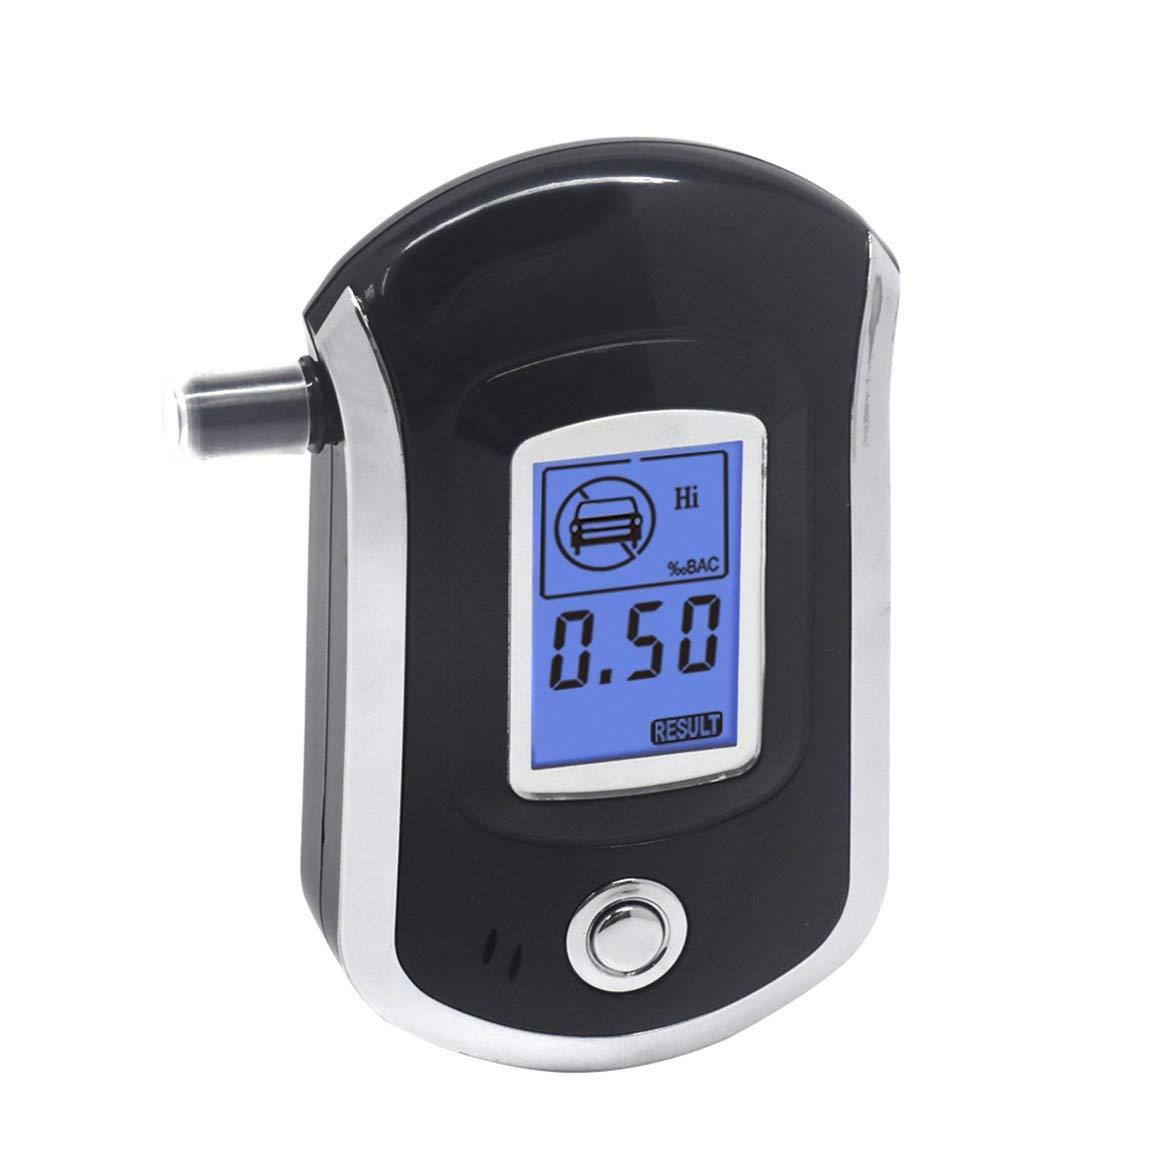 AT-6000 alcohol/ímetro Detector de alcohol Pantalla LCD digital Bater/ía Potencia-Sujeci/ón manual BAC Tracker profesional con 5 boquillas color: negro